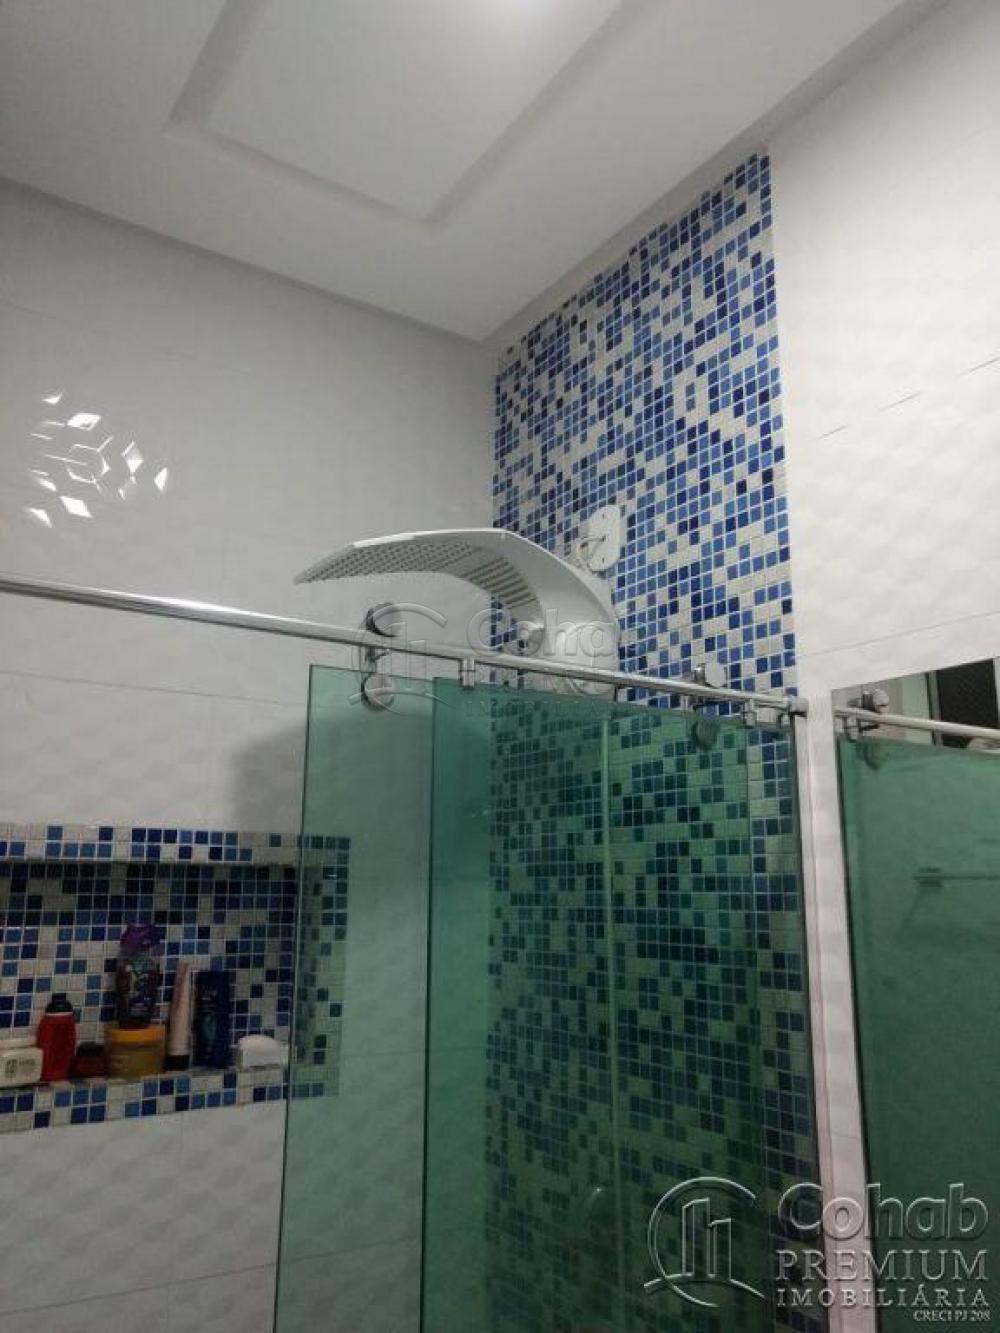 Comprar Casa / Padrão em Aracaju apenas R$ 530.000,00 - Foto 9